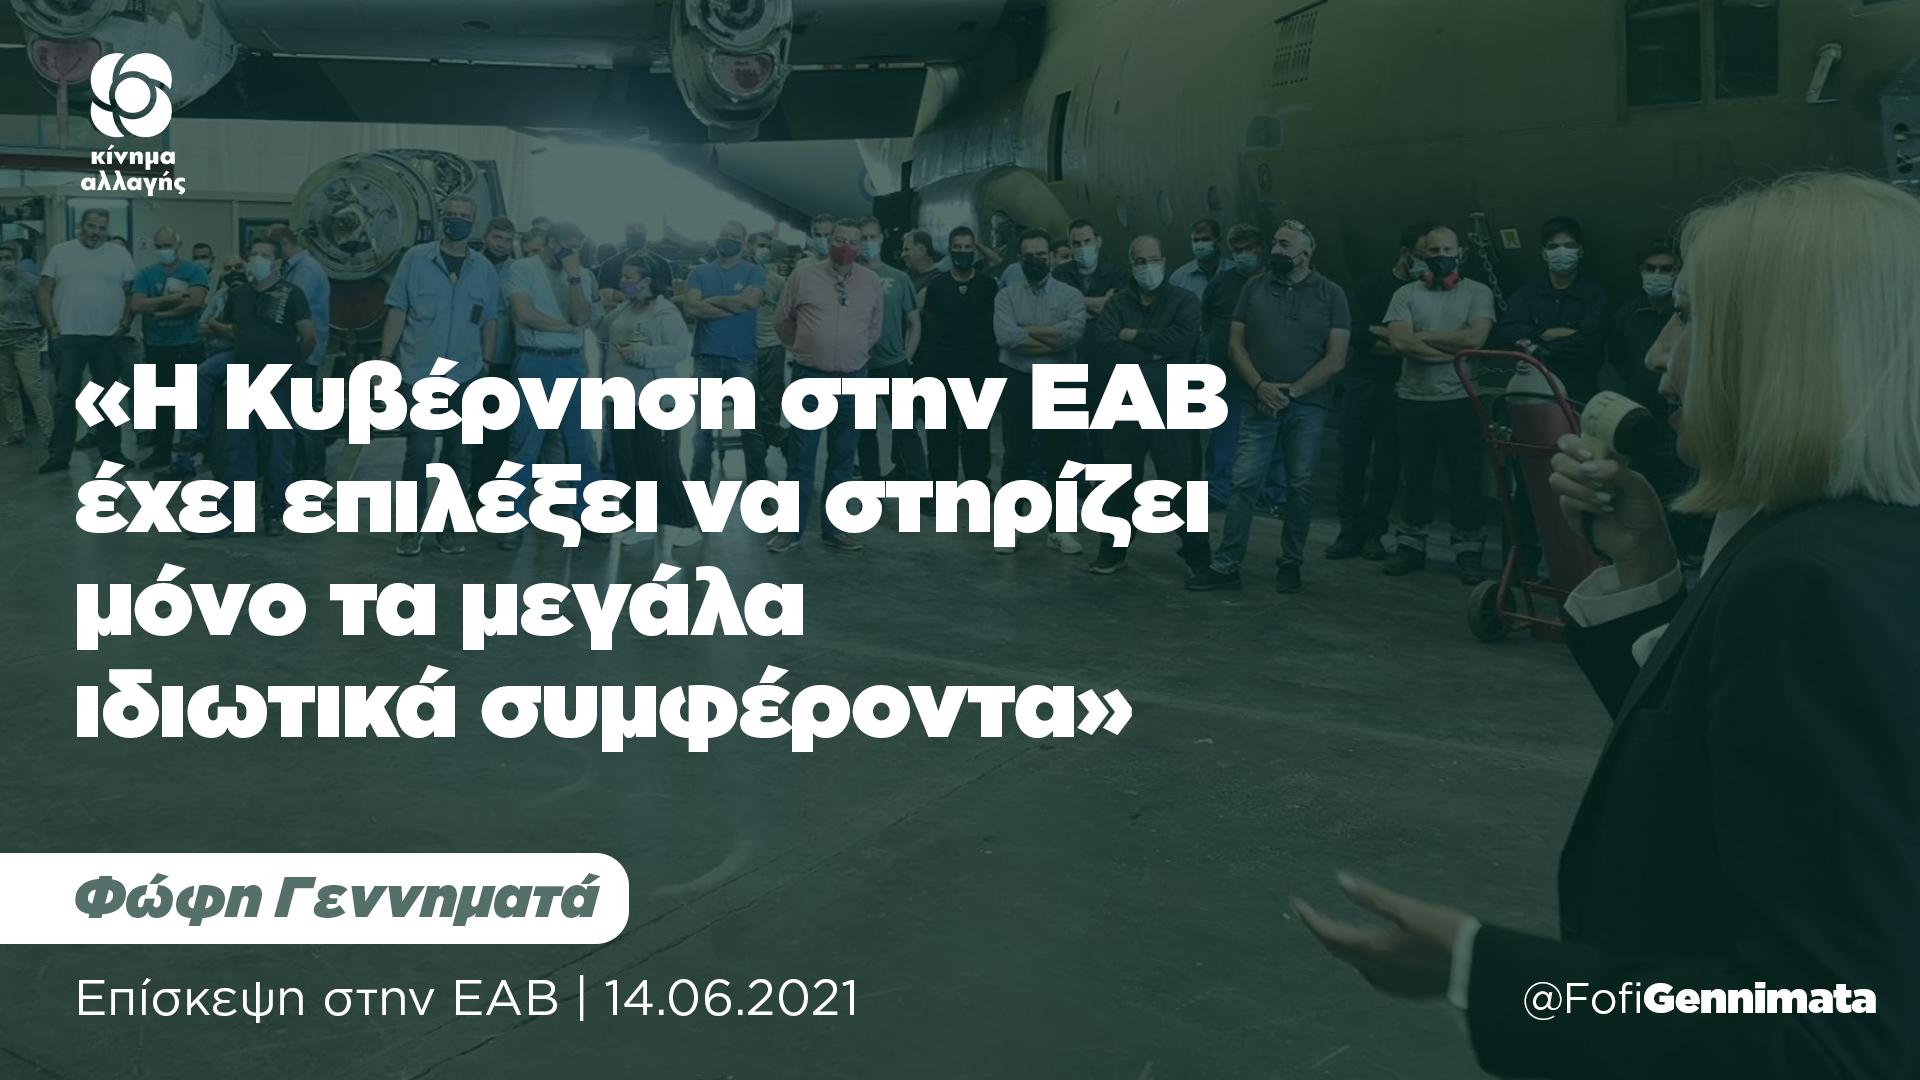 Η κυβέρνηση στην ΕΑΒ έχει επιλέξει να στηρίζει μόνο τα μεγάλα ιδιωτικά συμφέροντα